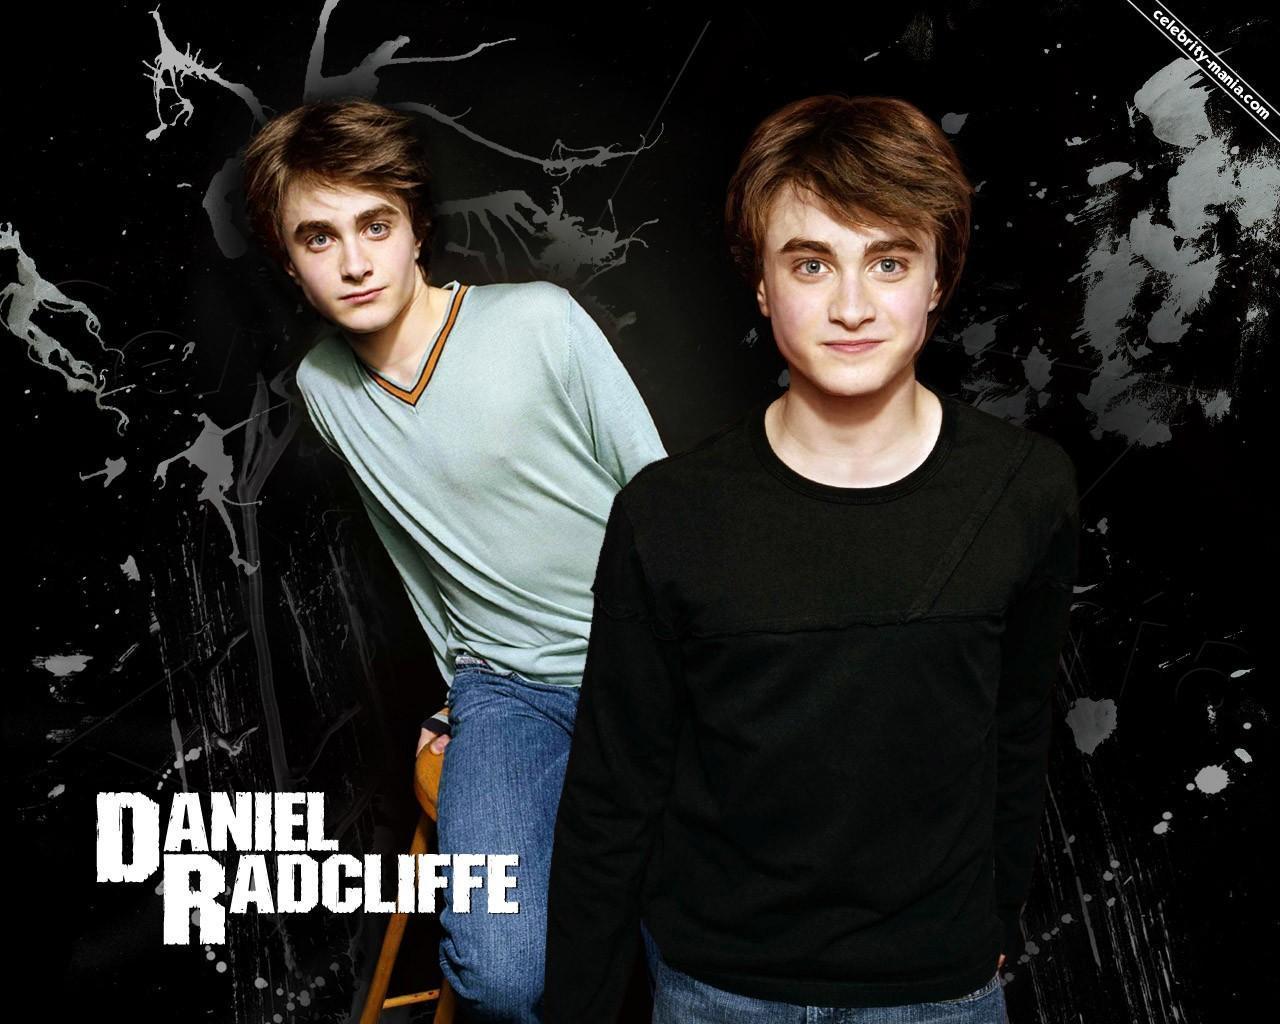 Harry Potter si sposa? Fiori d?arancio per Daniel Radcliffe e Erin Darke